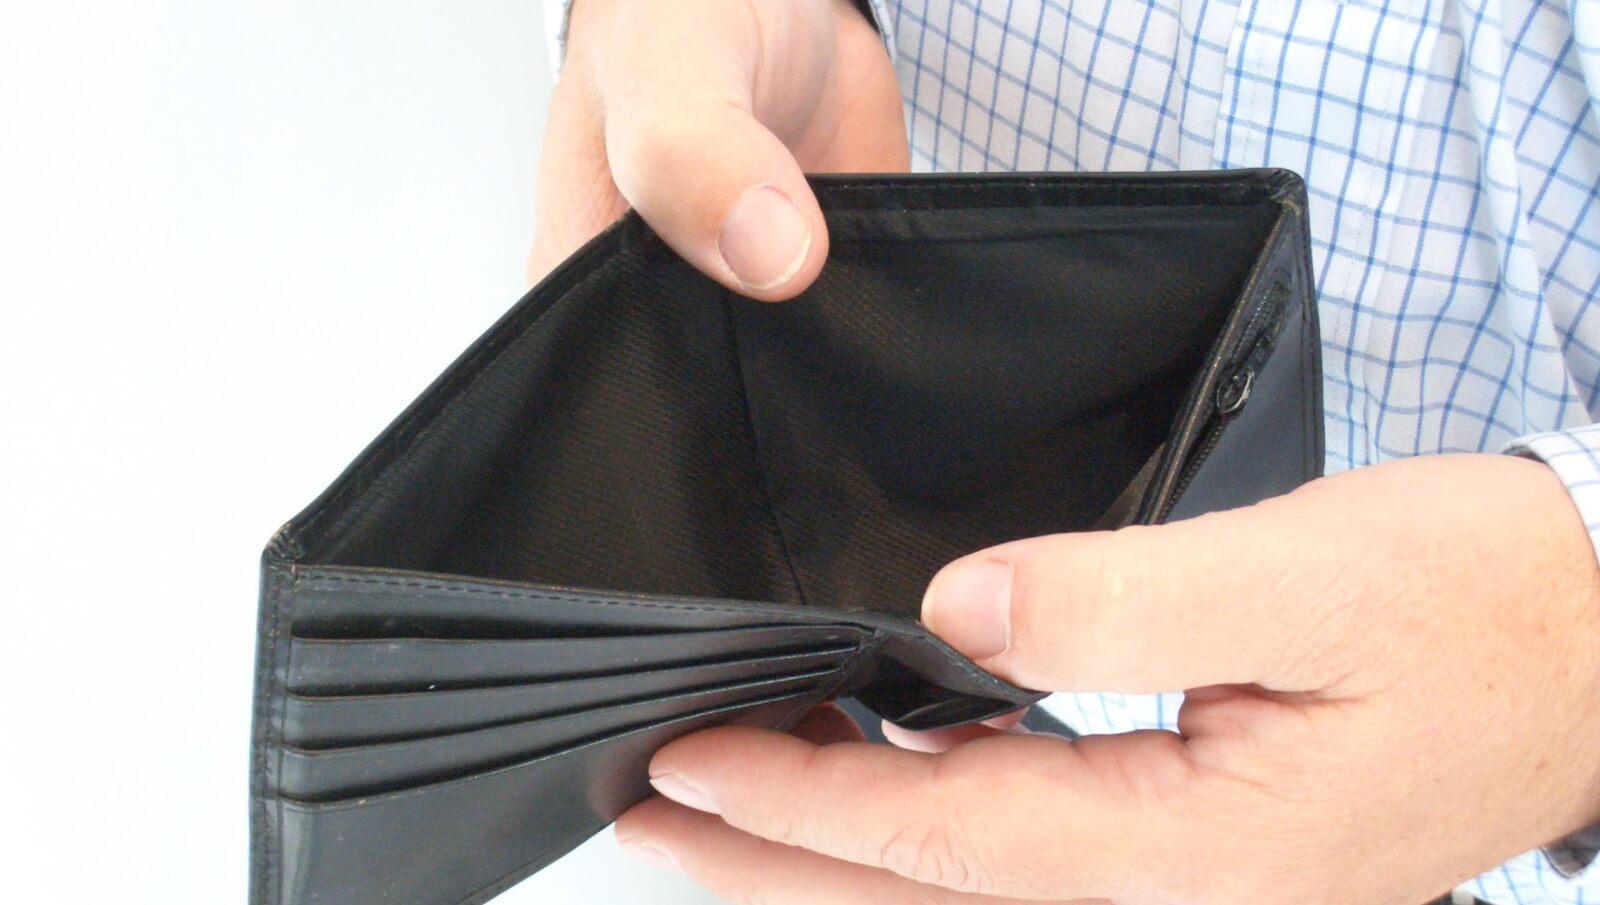 Как рассчитать компенсацию за задержку зарплаты и в какие сроки ее выплачивать